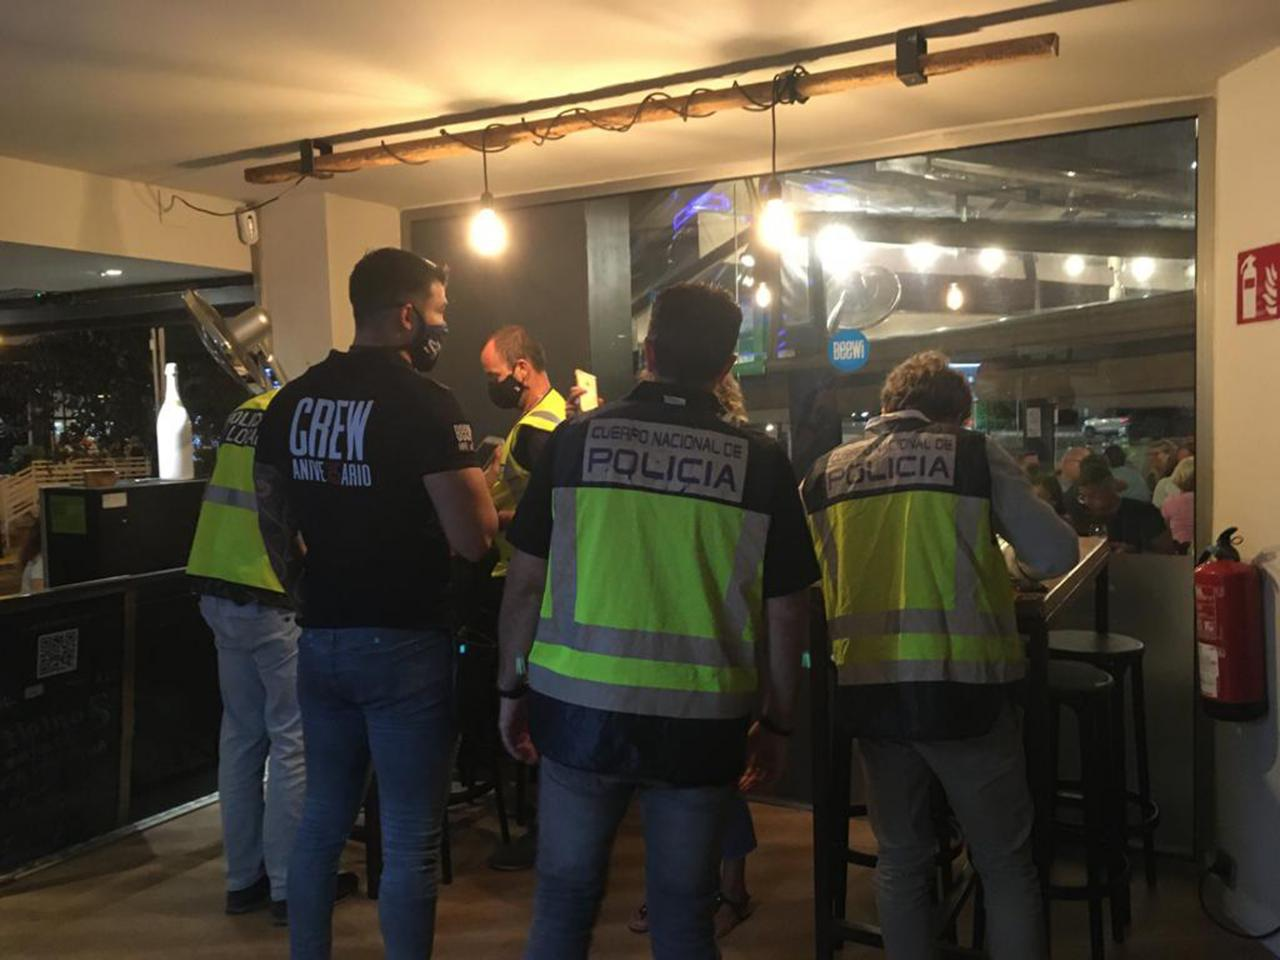 Gran operativo policial en el ocio nocturno de Palma con 142 actas de sanción y 500 identificados